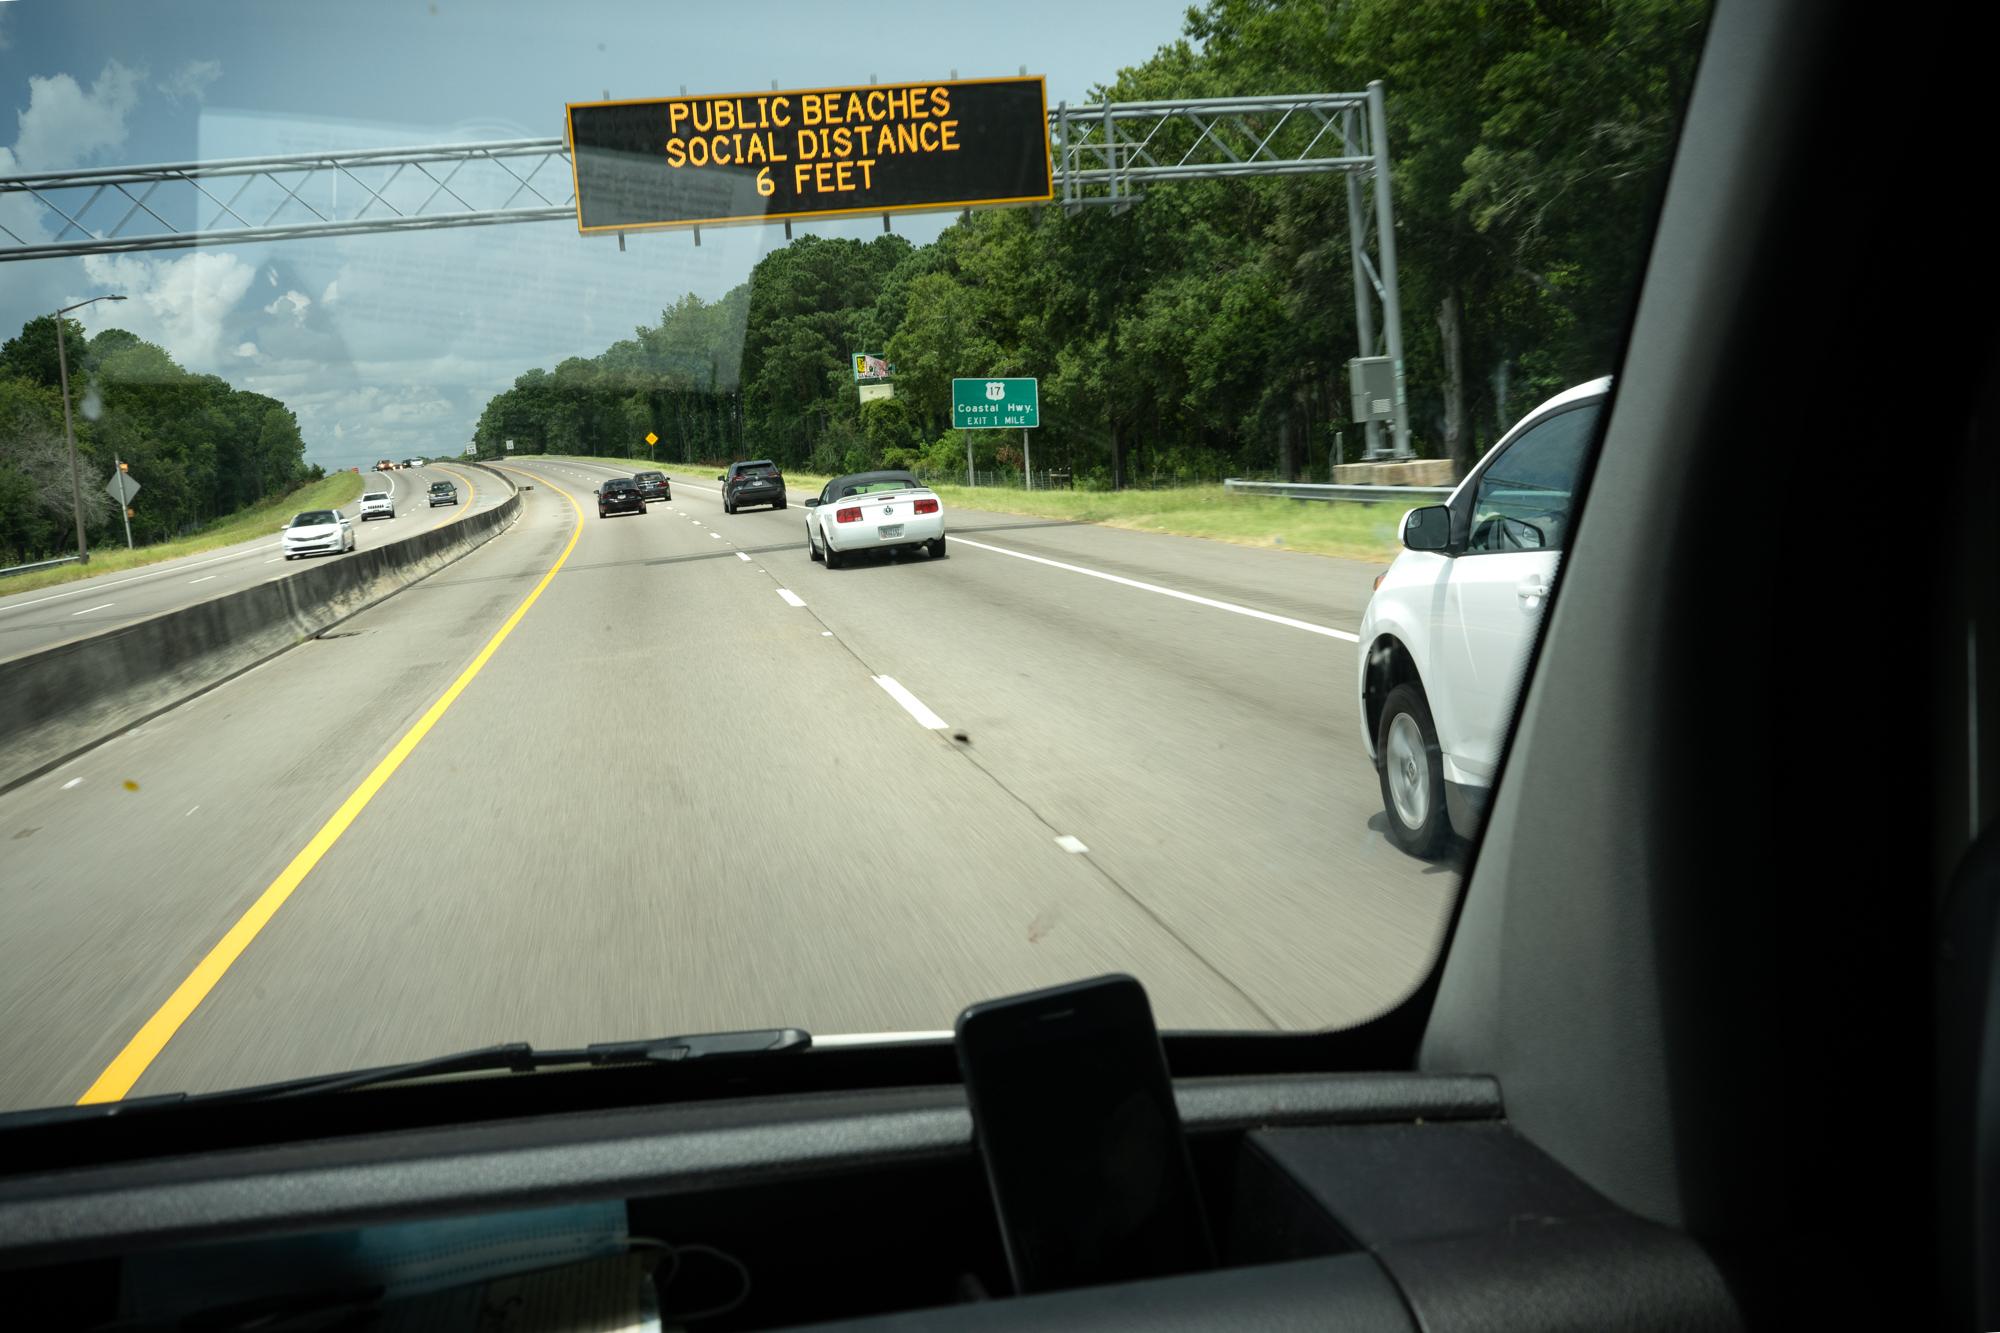 social distance public service announcement sign